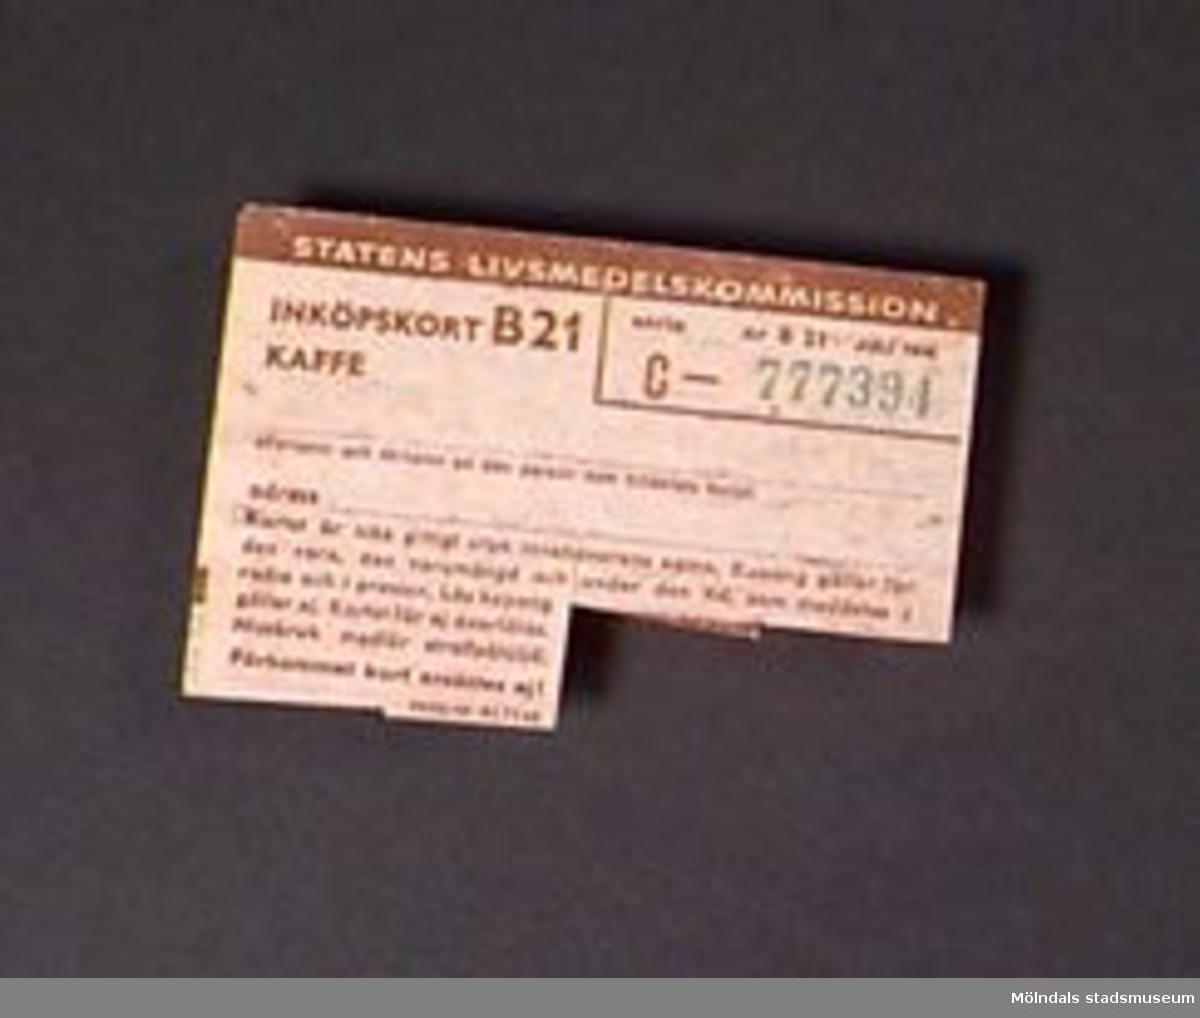 Ransoneringskort för kaffe. Pappret är gulbrunt och den tryckta texten är brun. Ett serienummer är tryckt i grön färg. Tillverkat för Statens livsmedels- kommission.